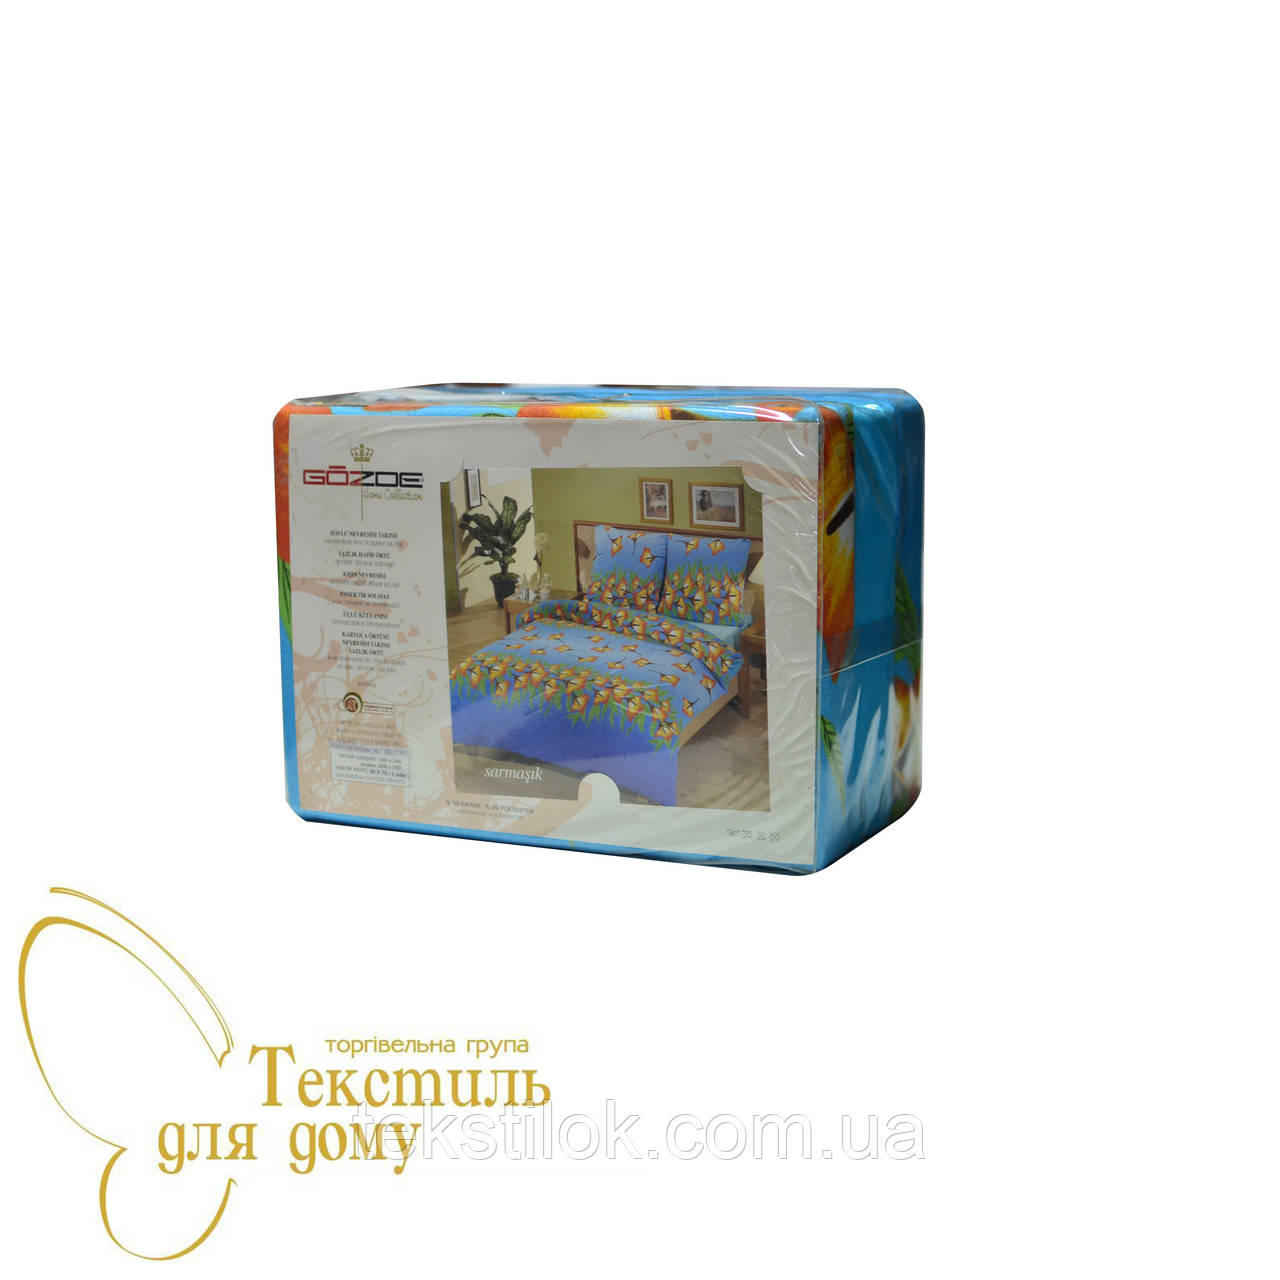 Комплект постельного белья махровый GOZDE Sarmasik